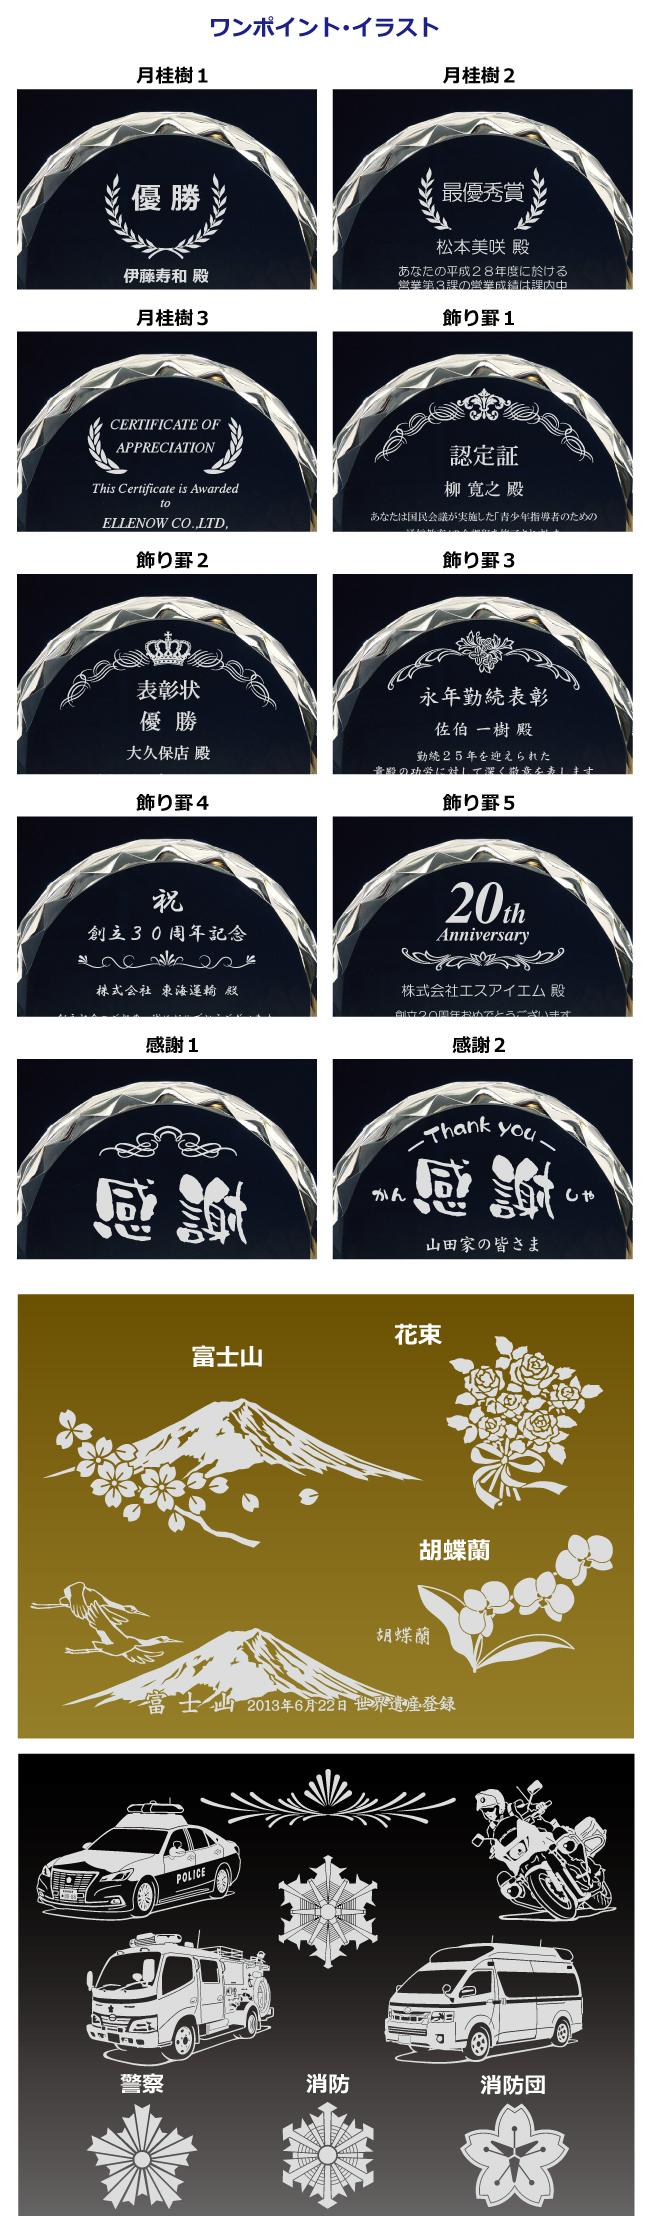 クリスタル楯(たたえ)ダイヤカットアーチ型のデザイン